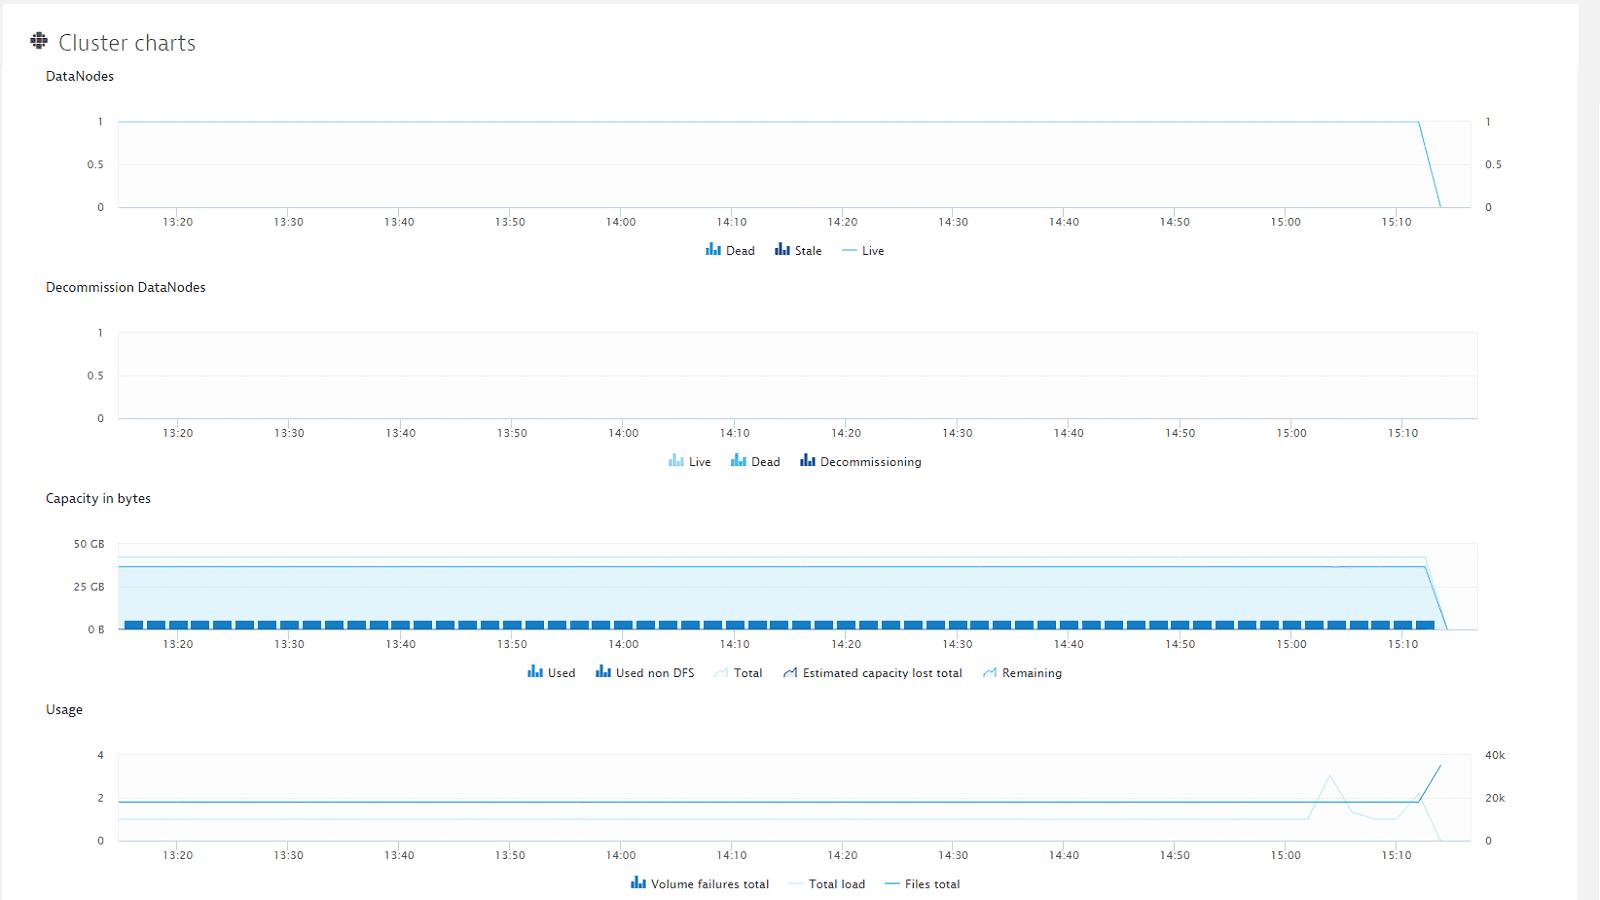 Hadoop NameNode cluster charts